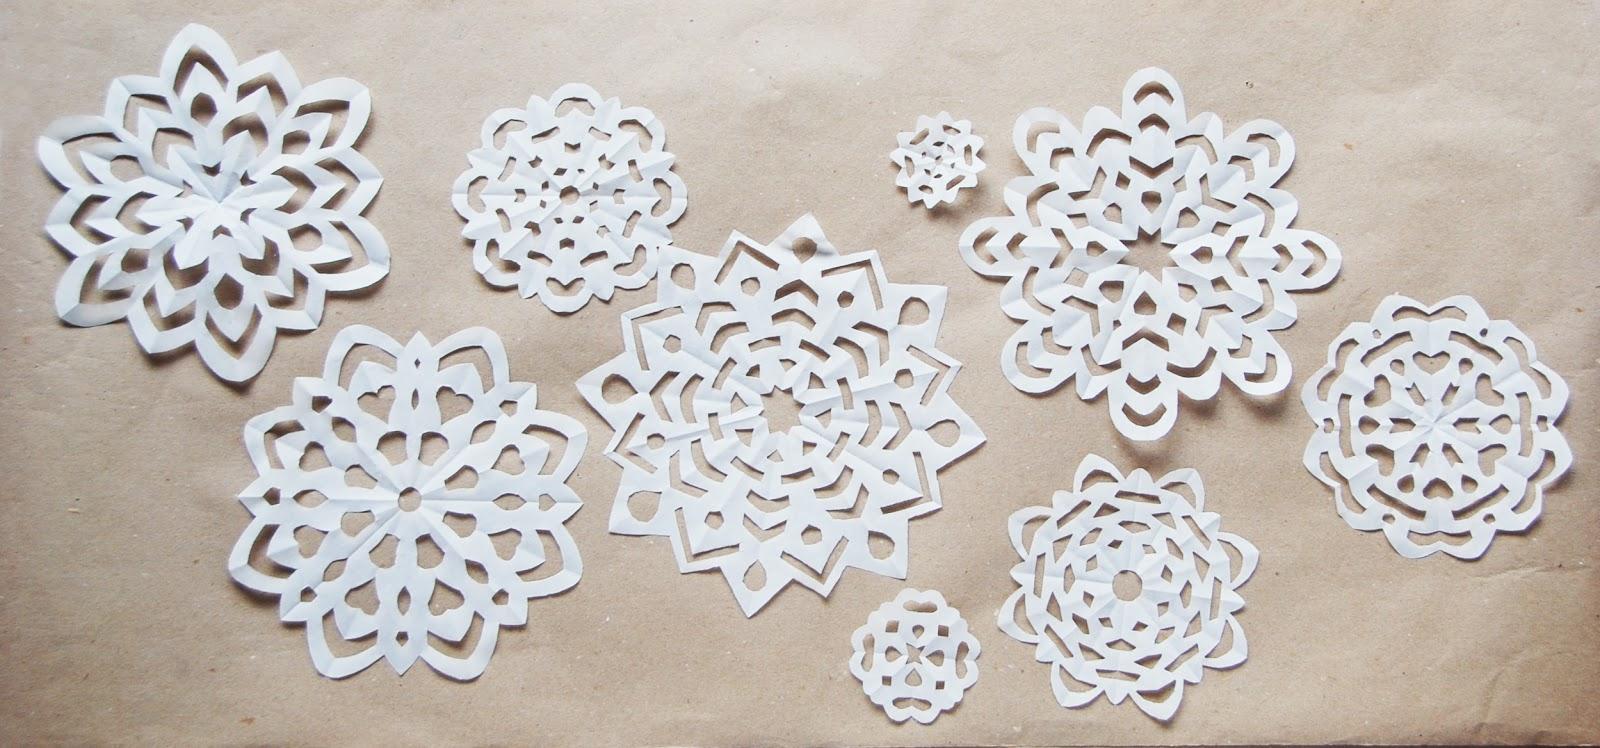 Ажурные бумажные снежинки